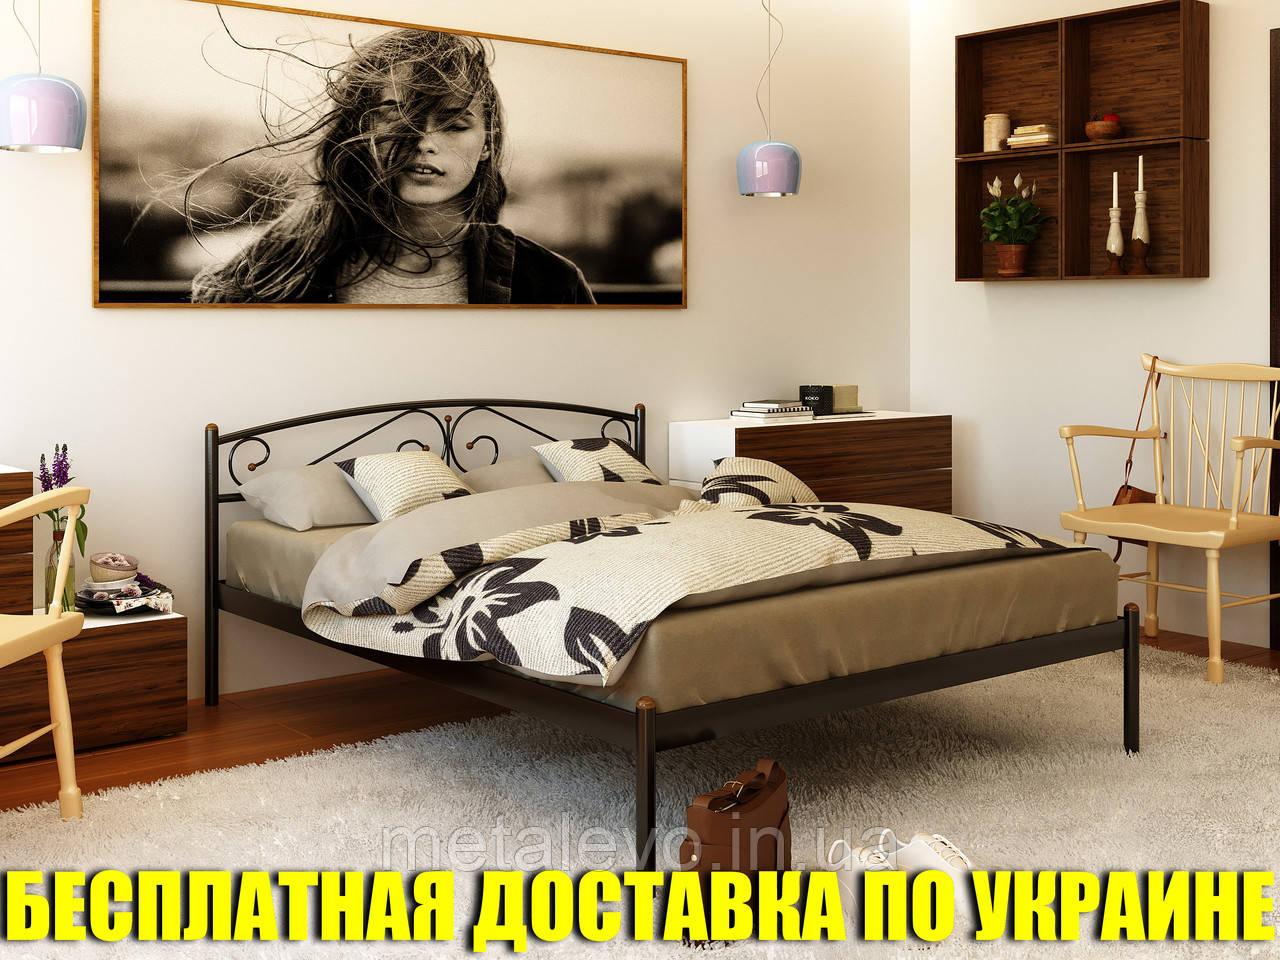 Двуспальная кровать металлическая ВЕРОНА-1 (VERONA-1)  ТМ Метакам